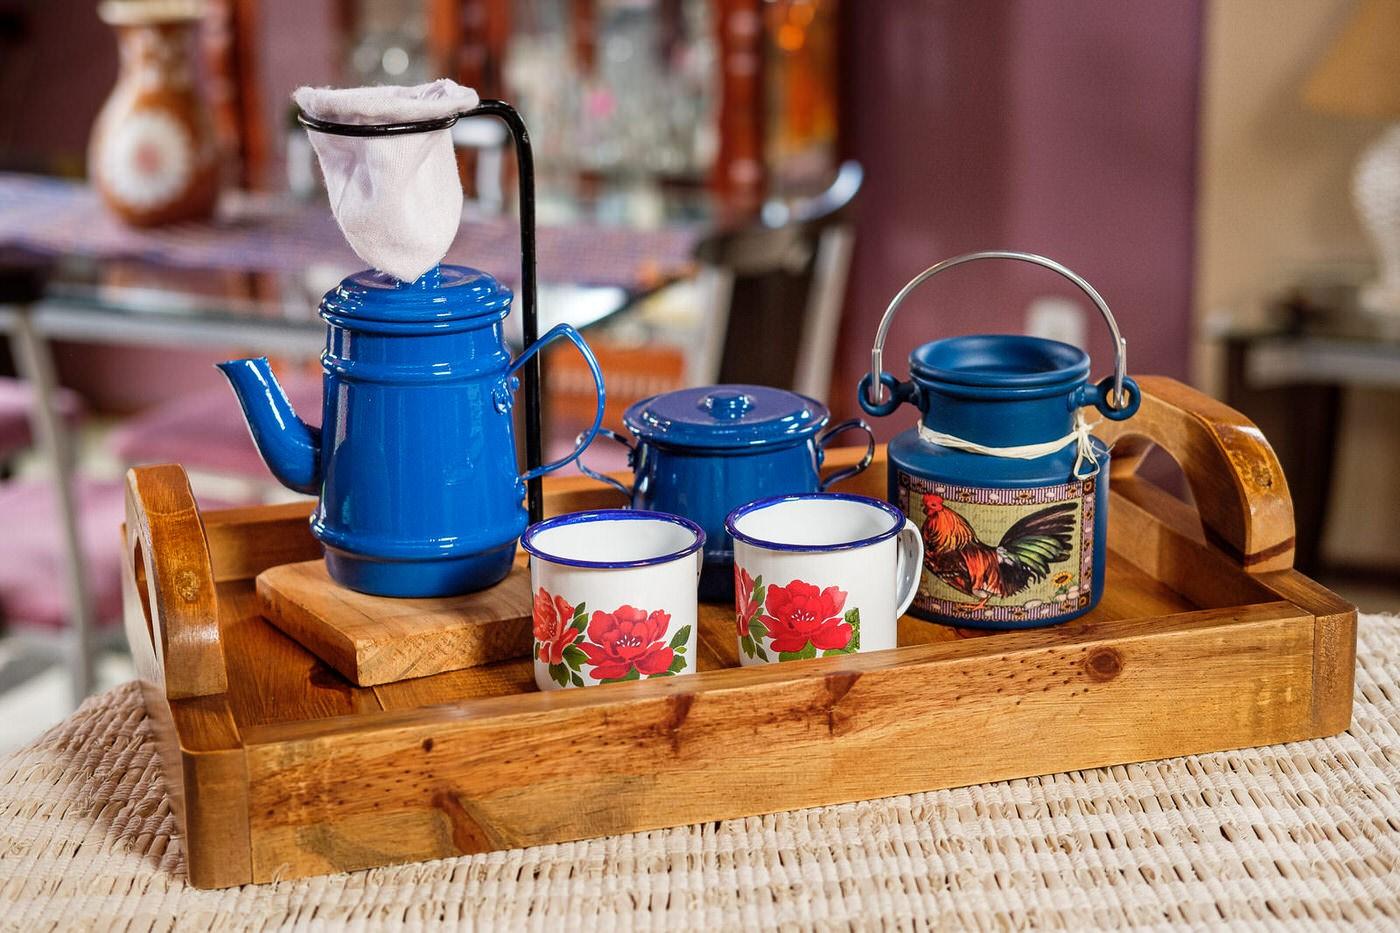 Kit Bandeja + Peças de Café / Azul Escuro com Canecas Brancas Floridas